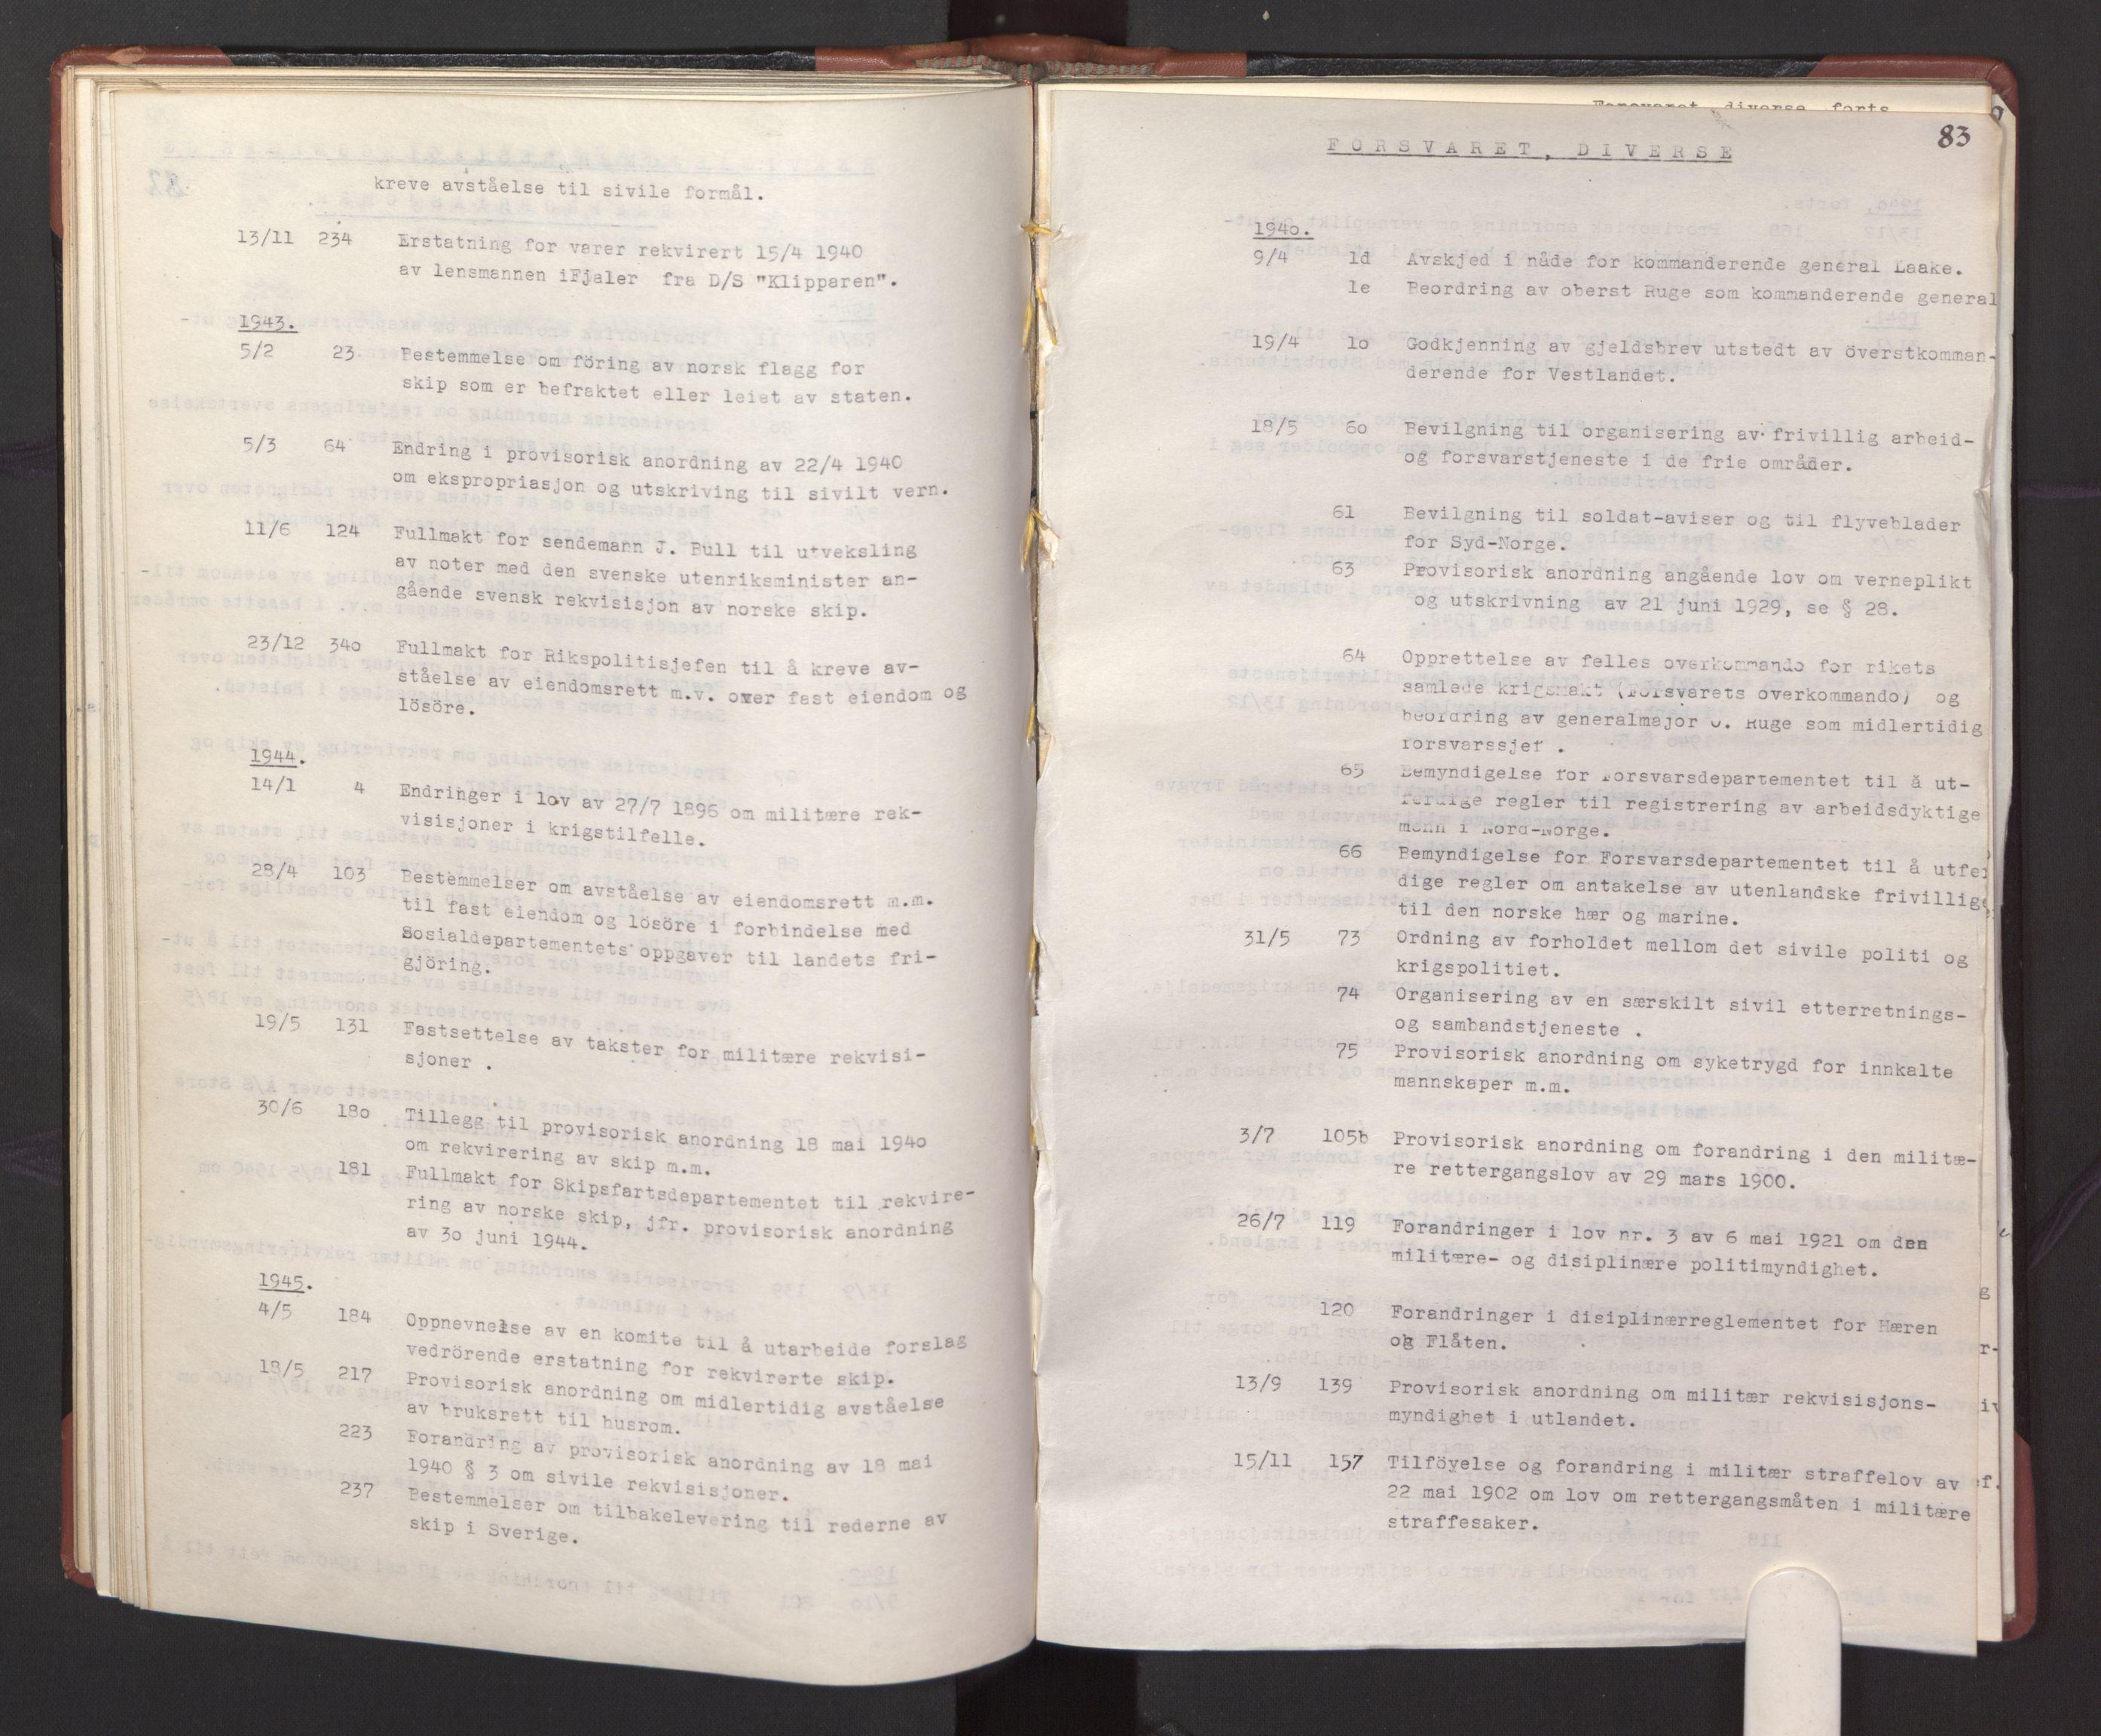 RA, Statsrådssekretariatet, A/Ac/L0127: Register 9/4-25/5, 1940-1945, s. 83